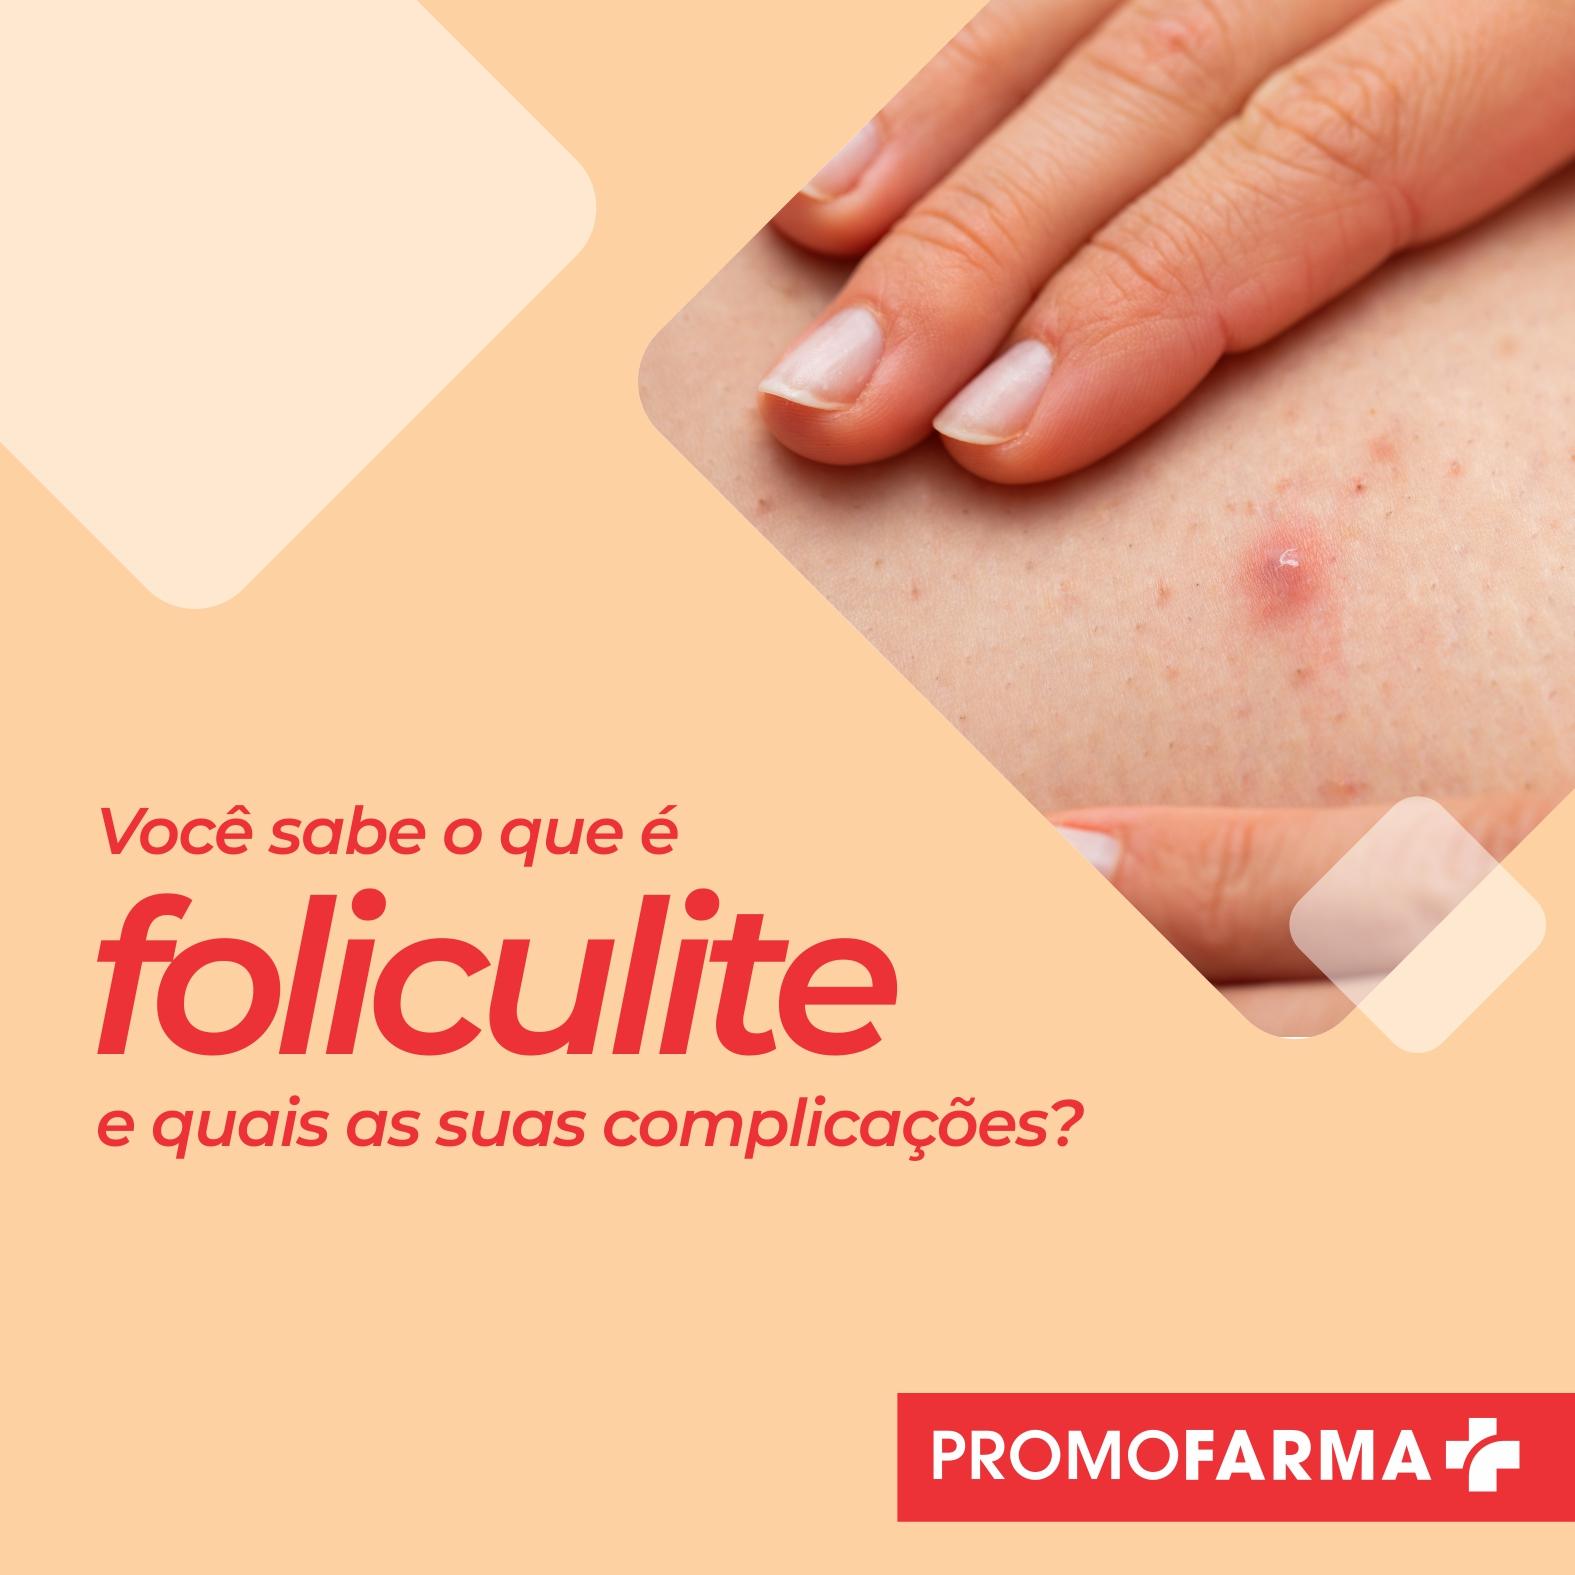 Você sabe o que é foliculite e quais as suas complicações?